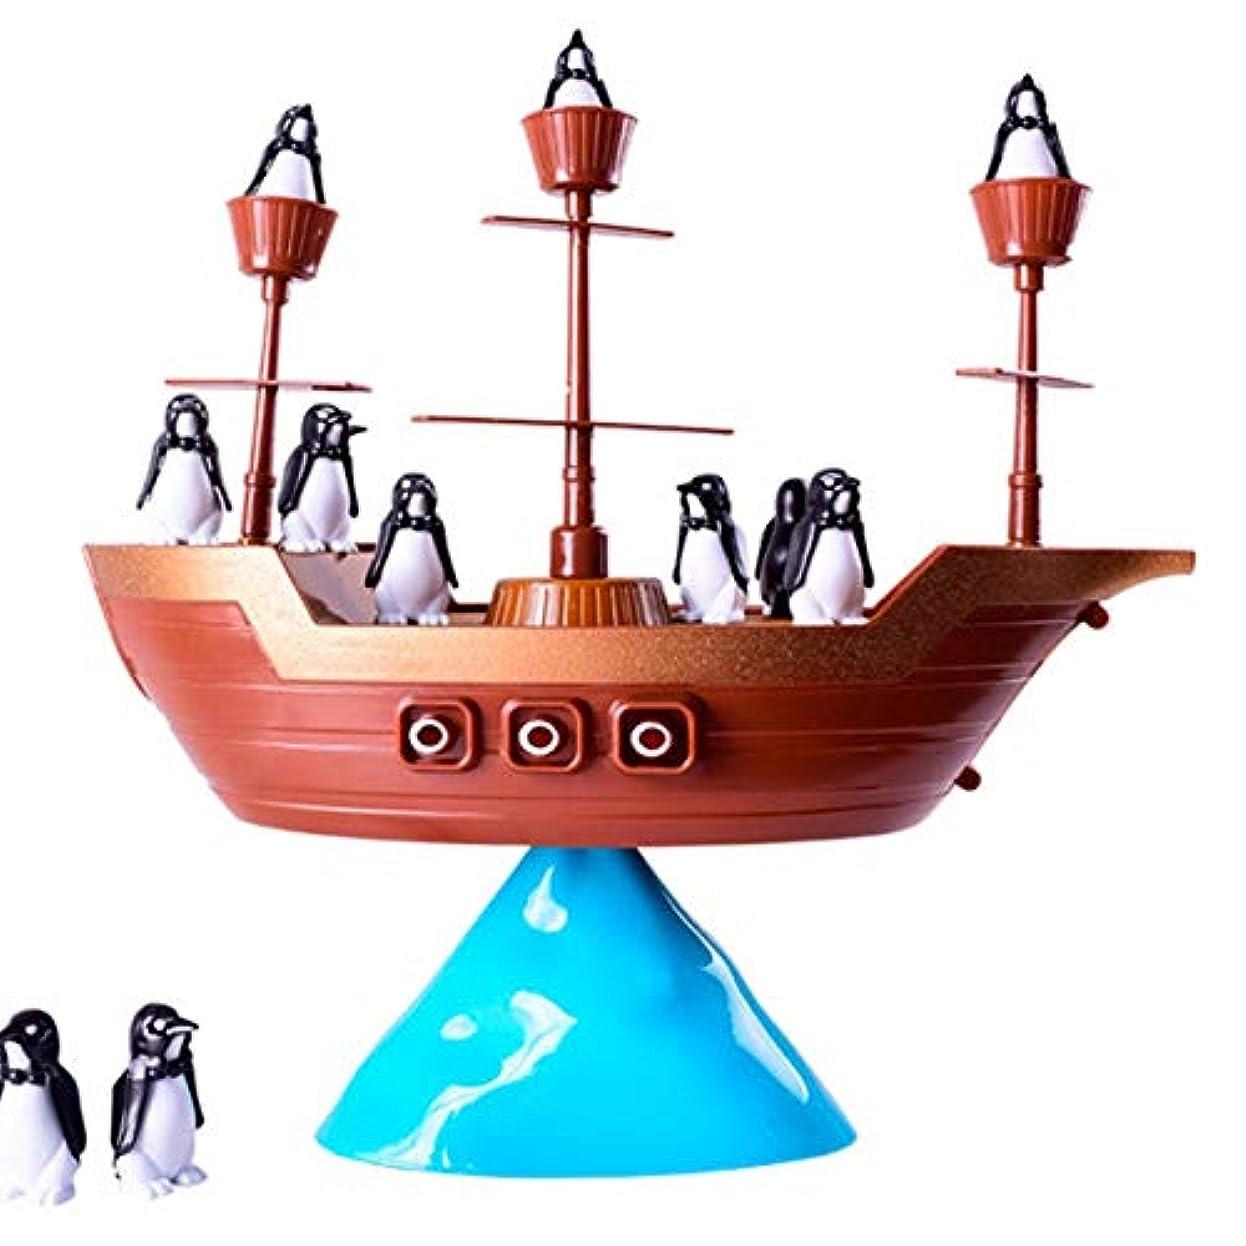 蒸発飛行場規則性スマートおもちゃバランスペンギン海賊船楽しい子供カジュアルテーブルゲームカラフル